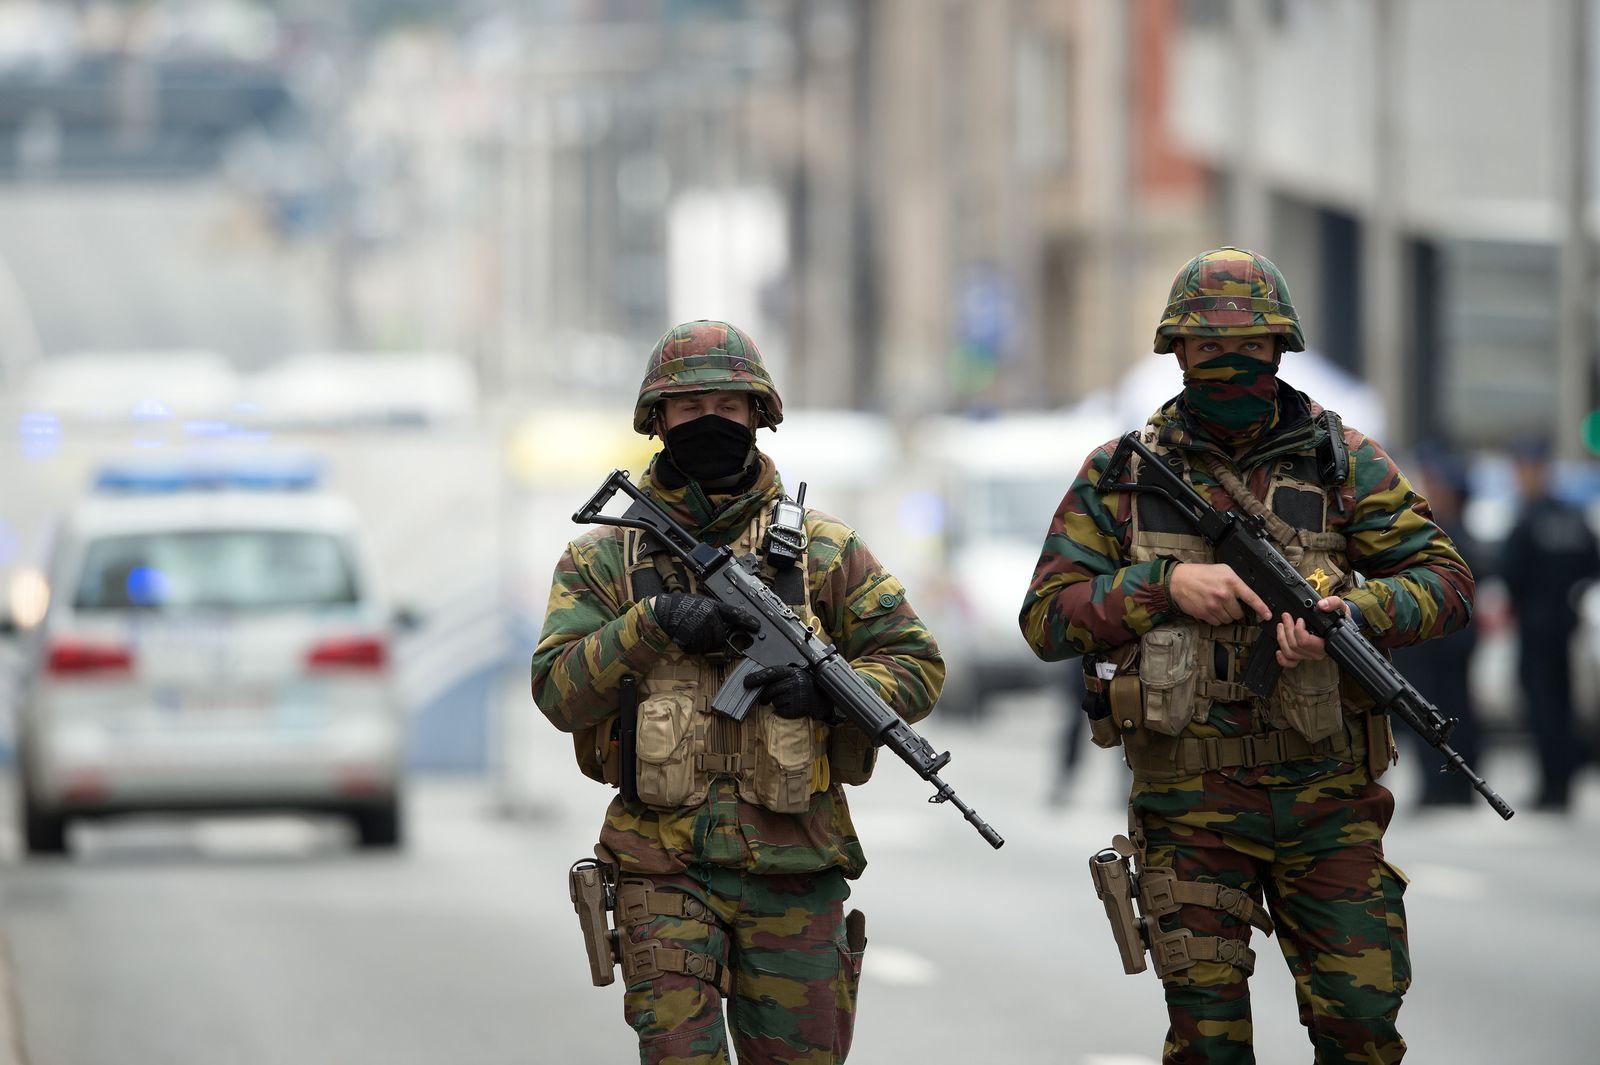 Anschläge in Brüssel / Sicherheitskräfte